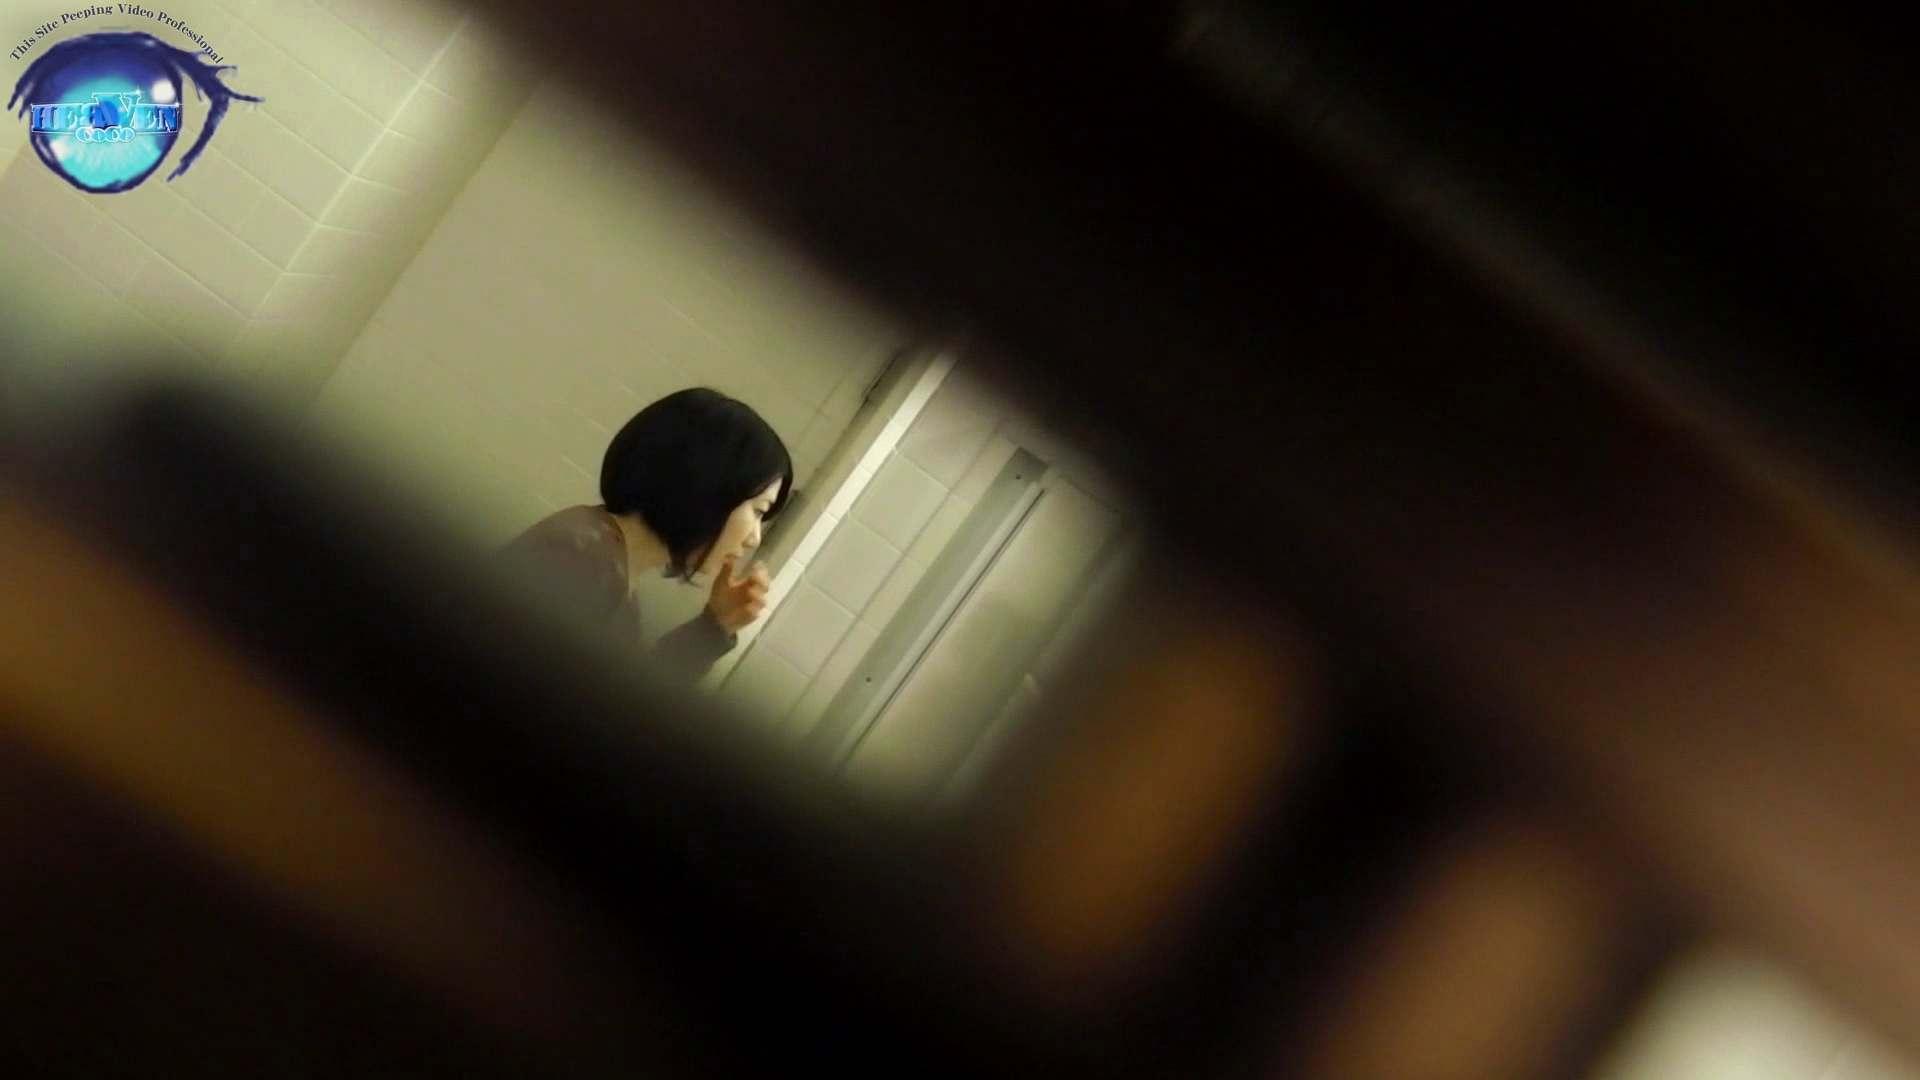 お銀さん vol.59 ピンチ!!「鏡の前で祈る女性」にばれる危機 前編 おまんこ見放題 | 盗撮シリーズ  83PIX 33